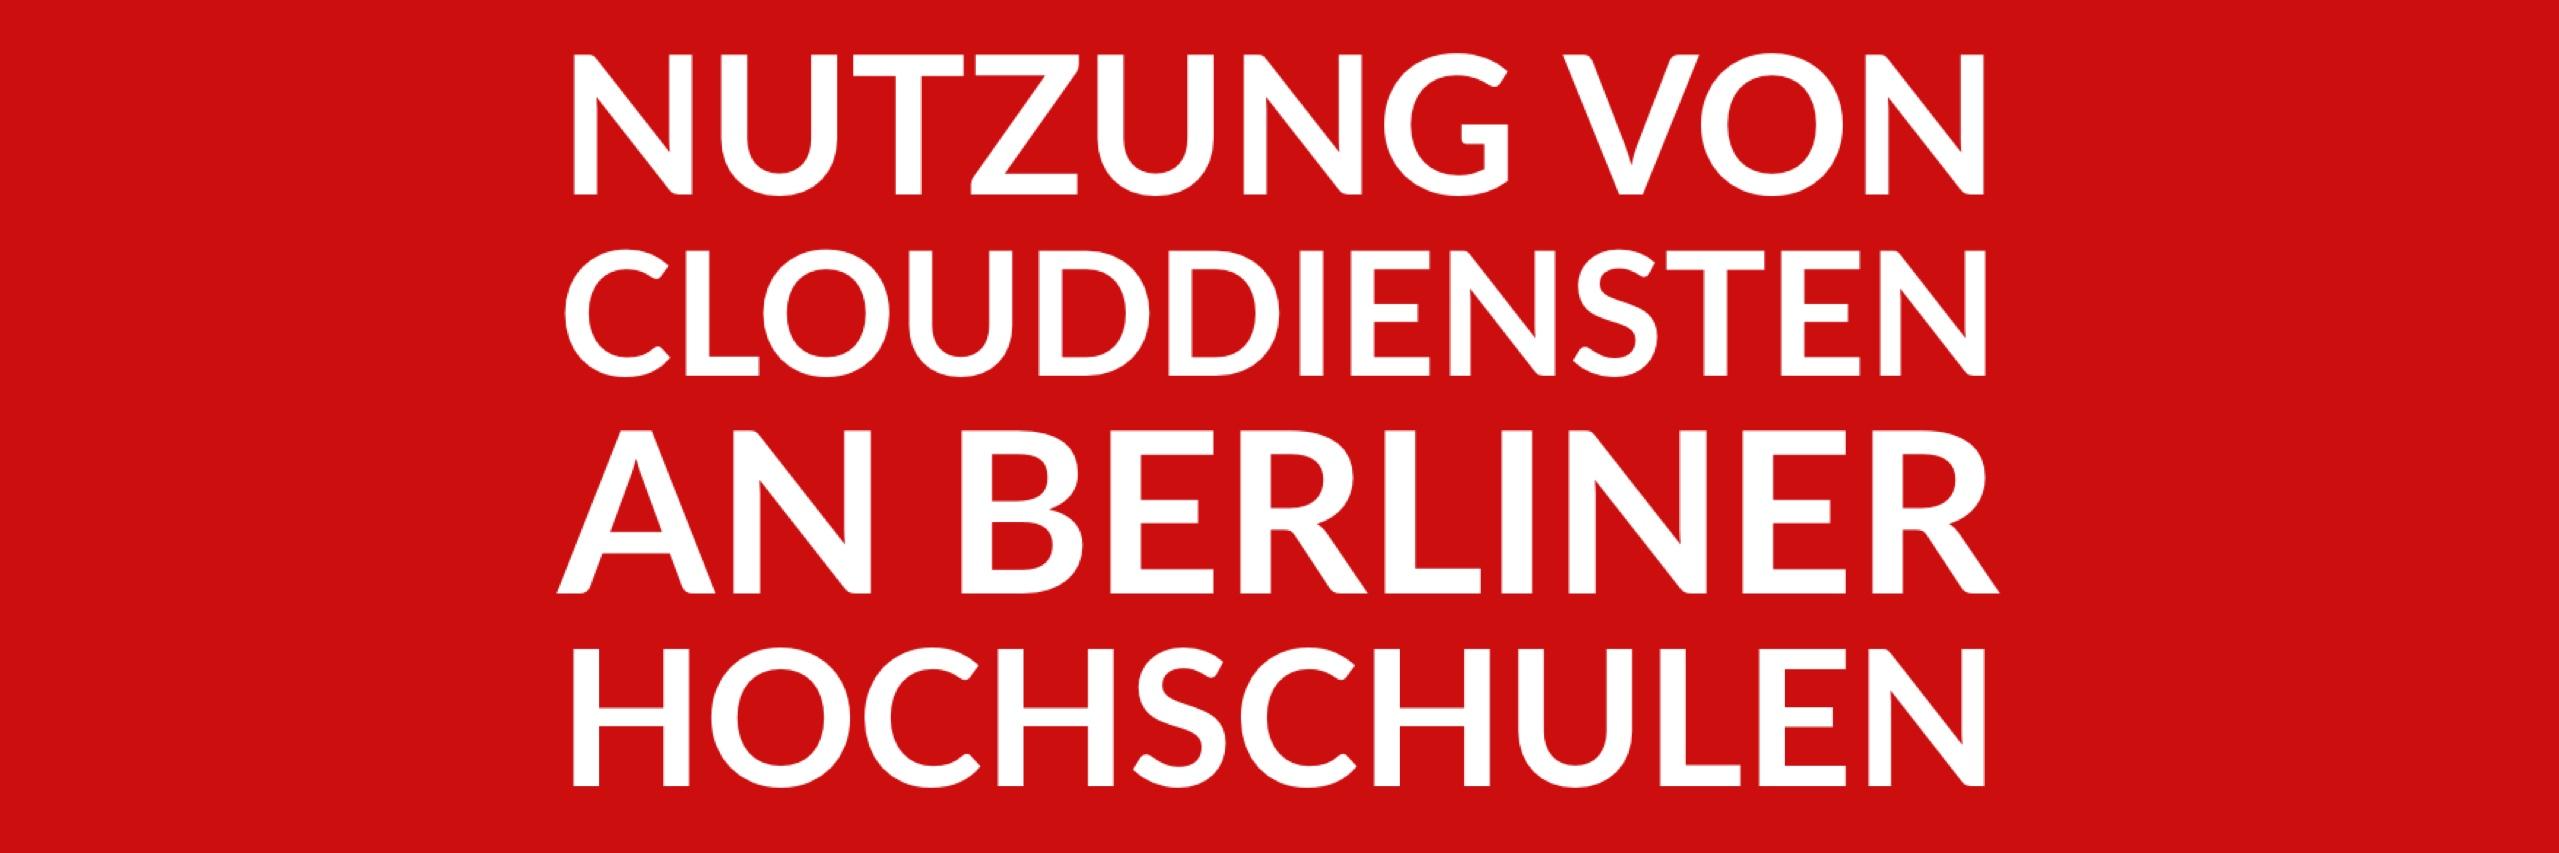 Anfrage 'Nutzung von Clouddiensten an Berliner Hochschulen' (PDF)